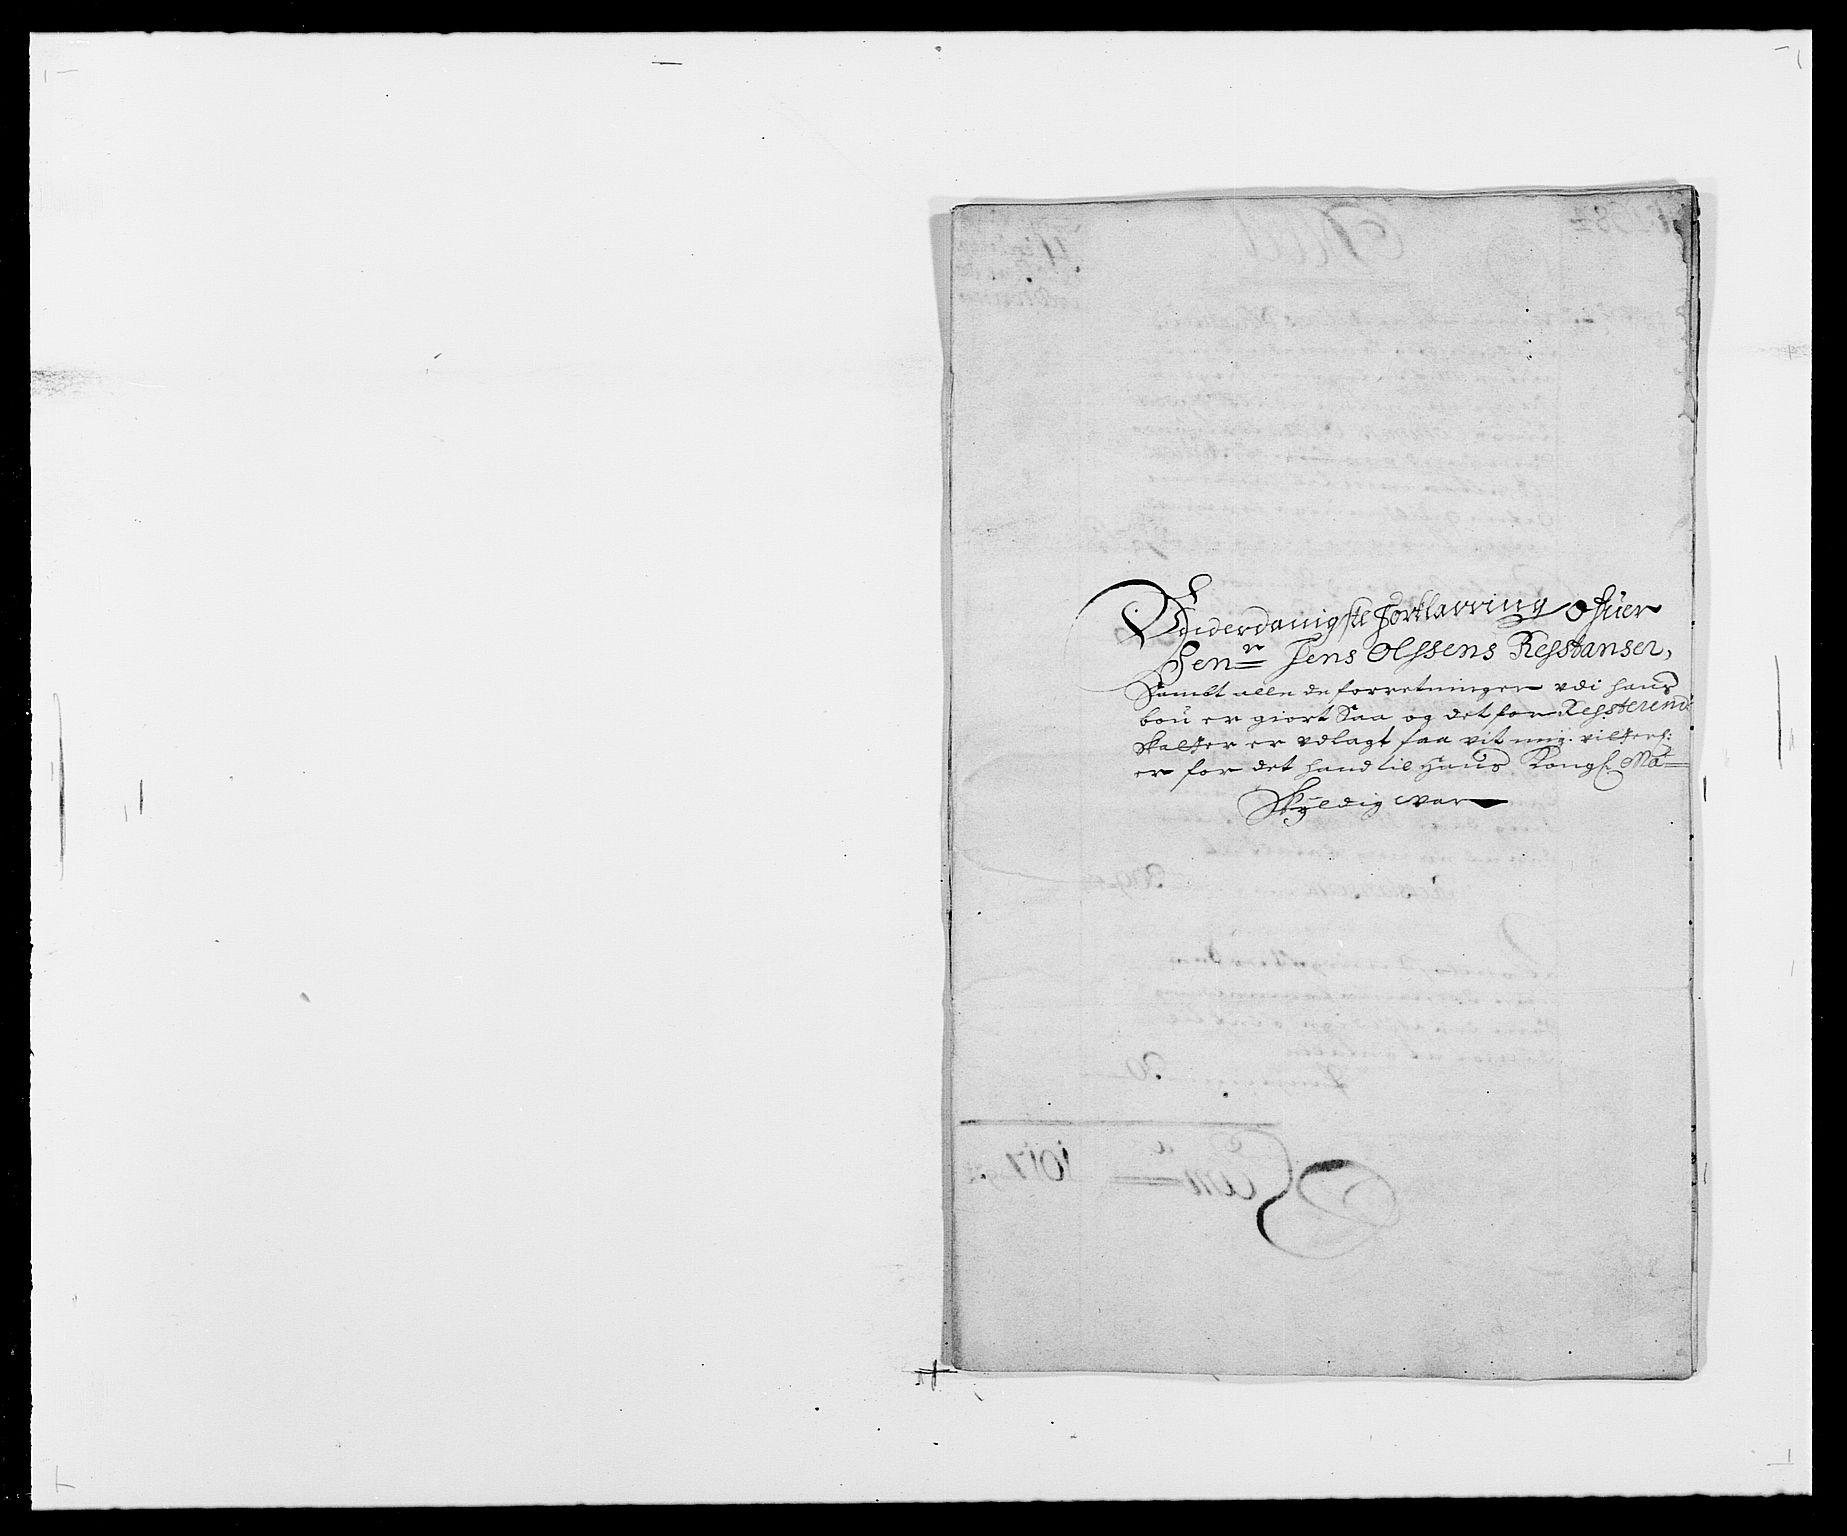 RA, Rentekammeret inntil 1814, Reviderte regnskaper, Fogderegnskap, R29/L1693: Fogderegnskap Hurum og Røyken, 1688-1693, s. 410